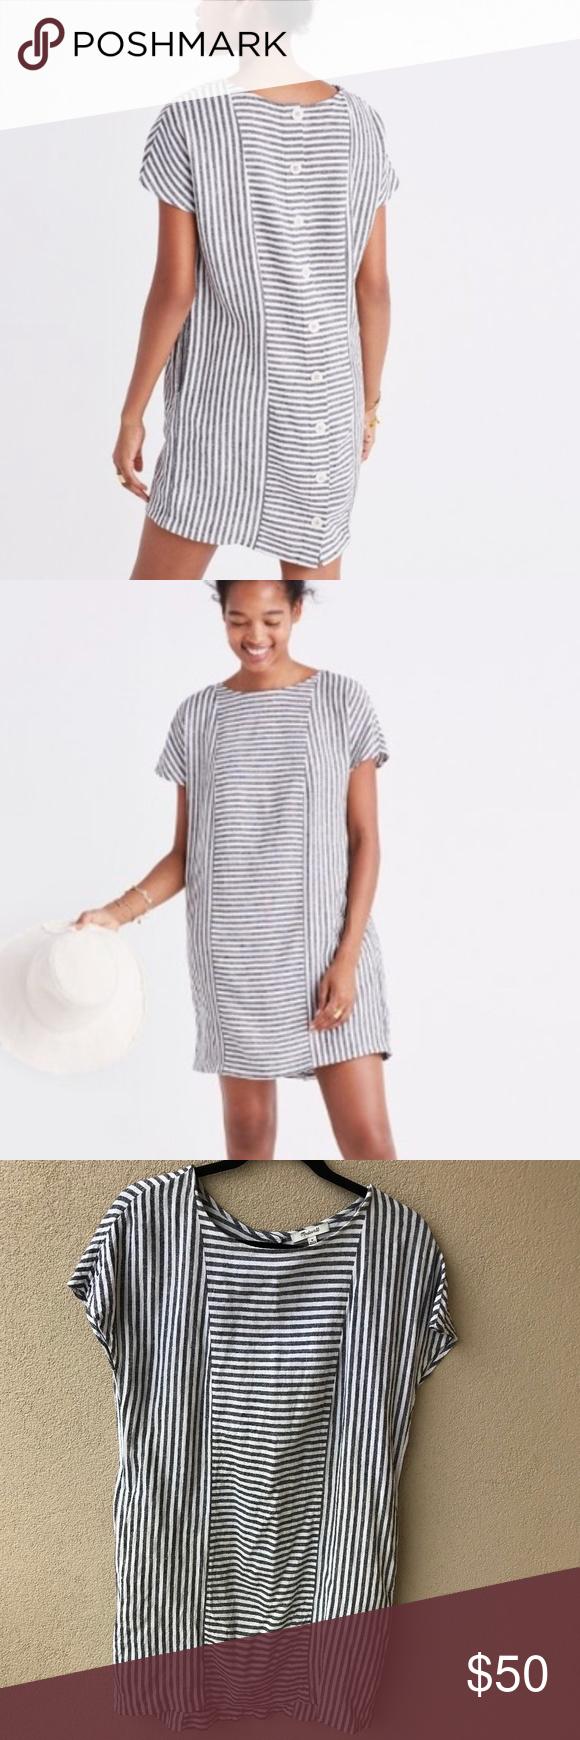 58513d089d4 Madewell Stripe-Play Button Back Tee Dress Stripe Play button-back tee dress  from